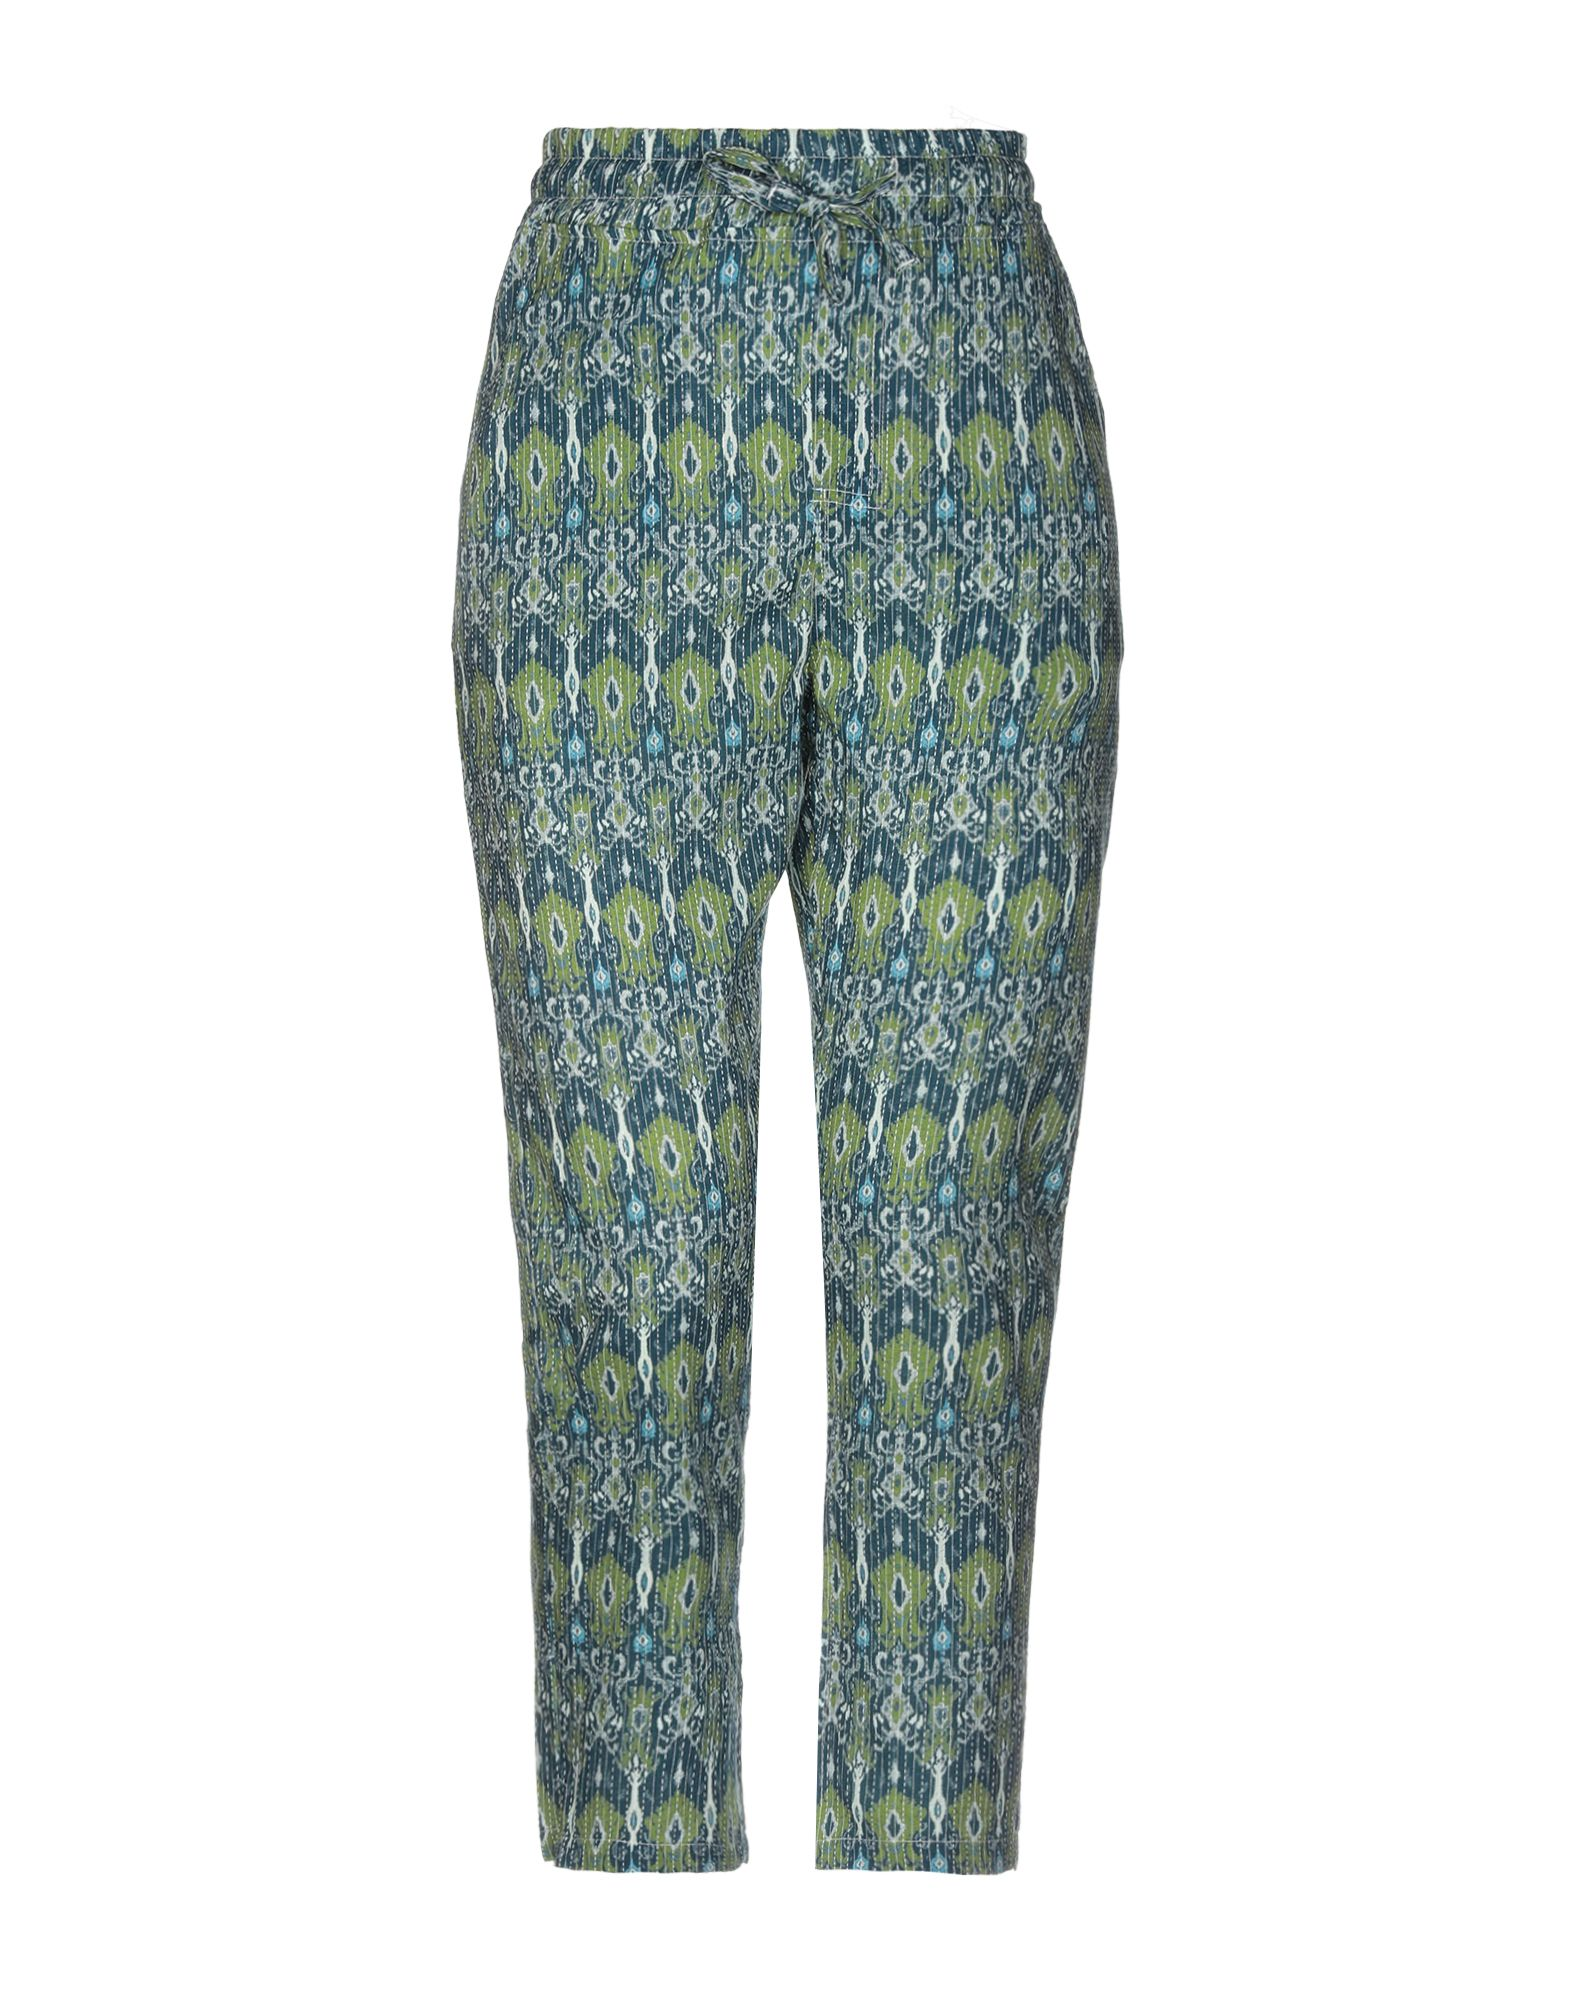 Pantalone Opaline damen - 13261087AK